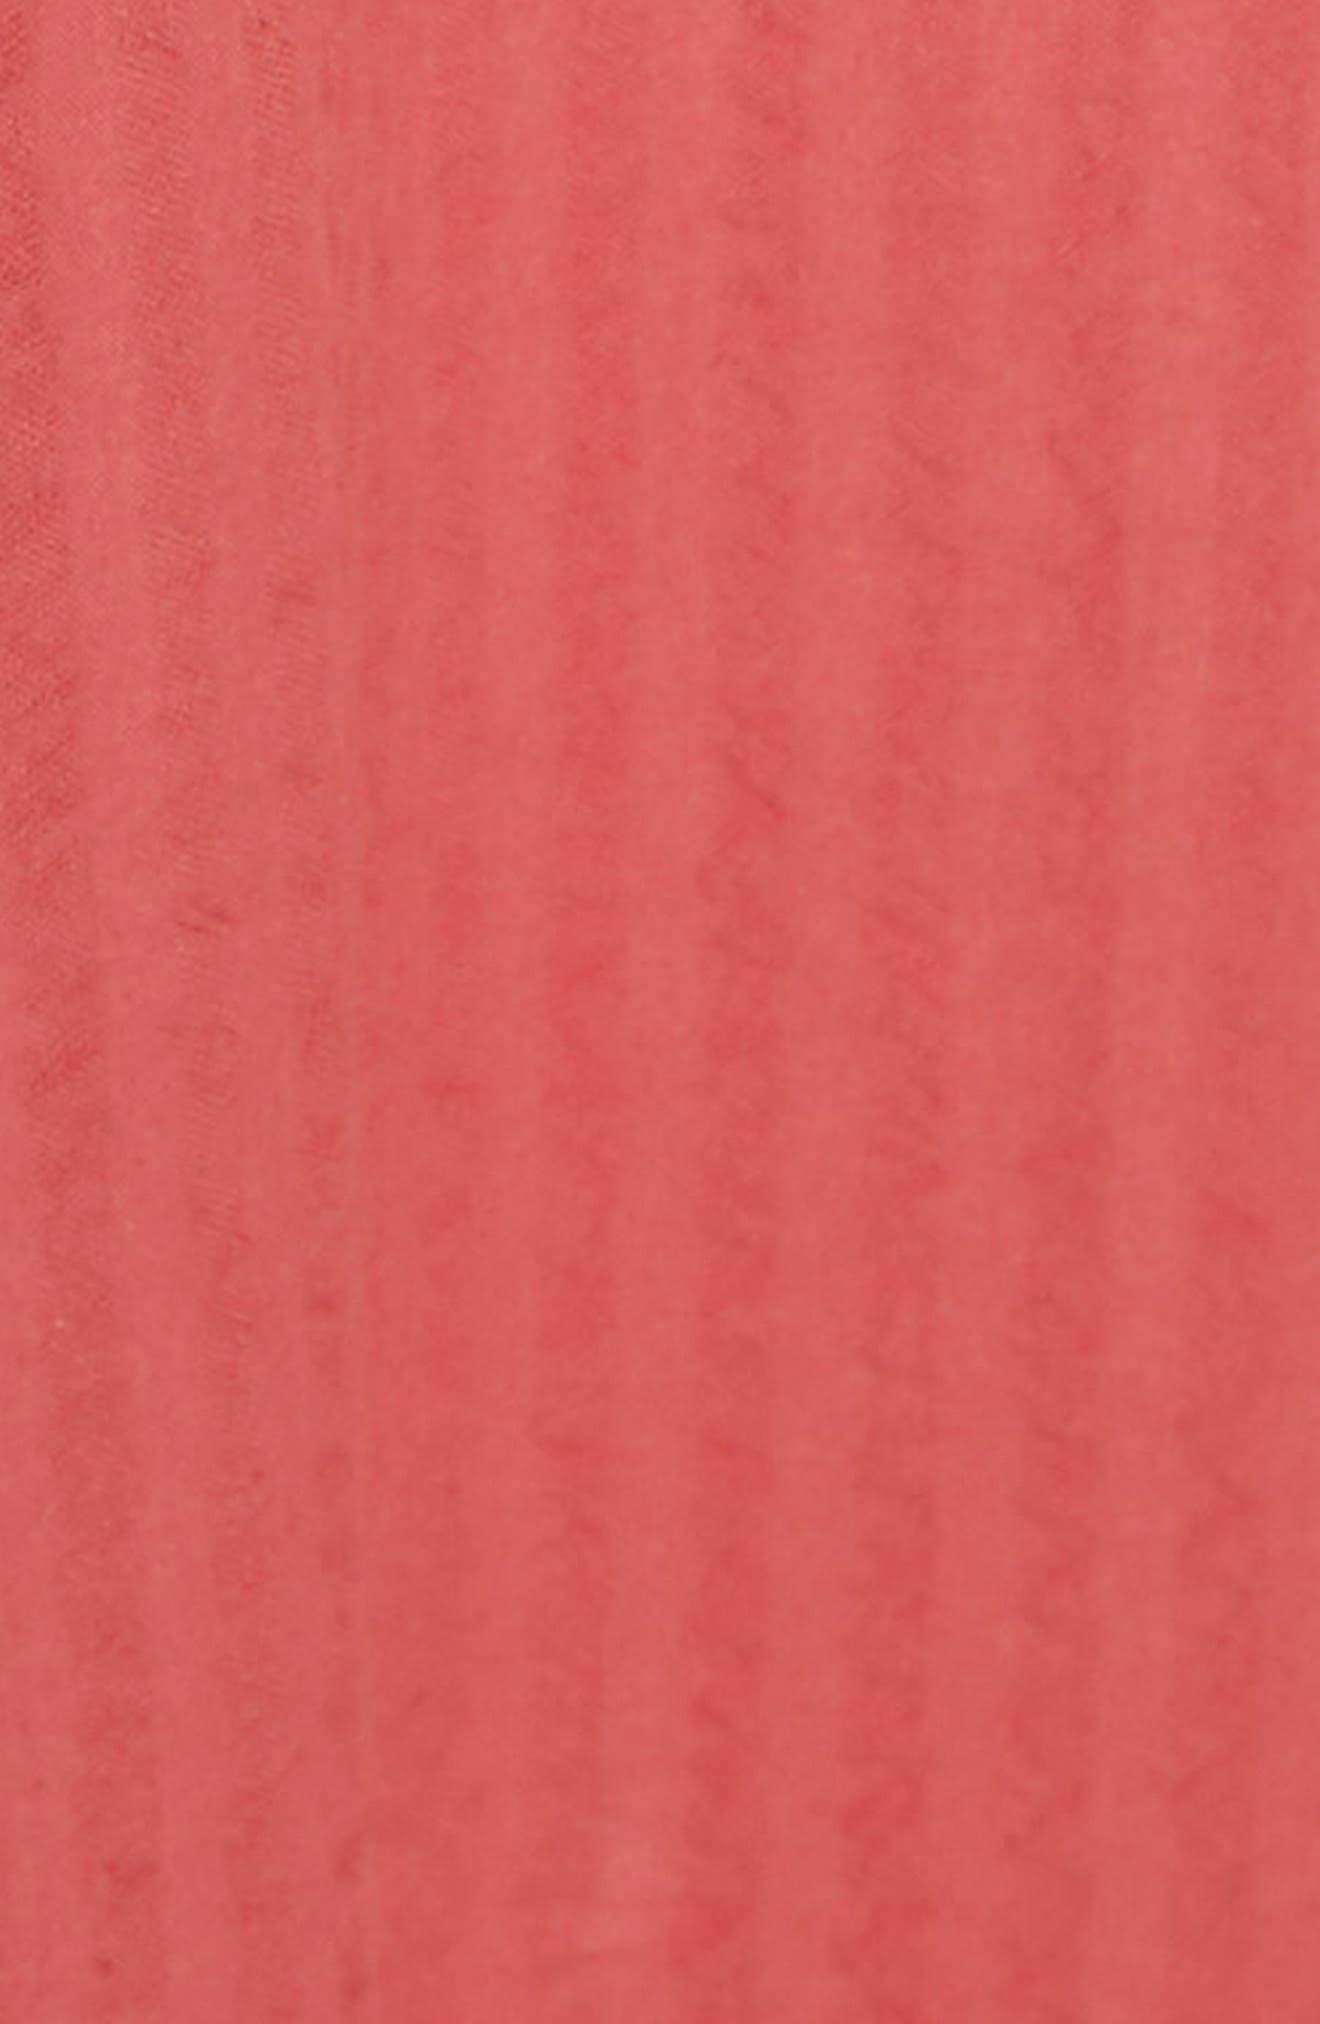 Cold Shoulder Seersucker Dress,                             Alternate thumbnail 5, color,                             612